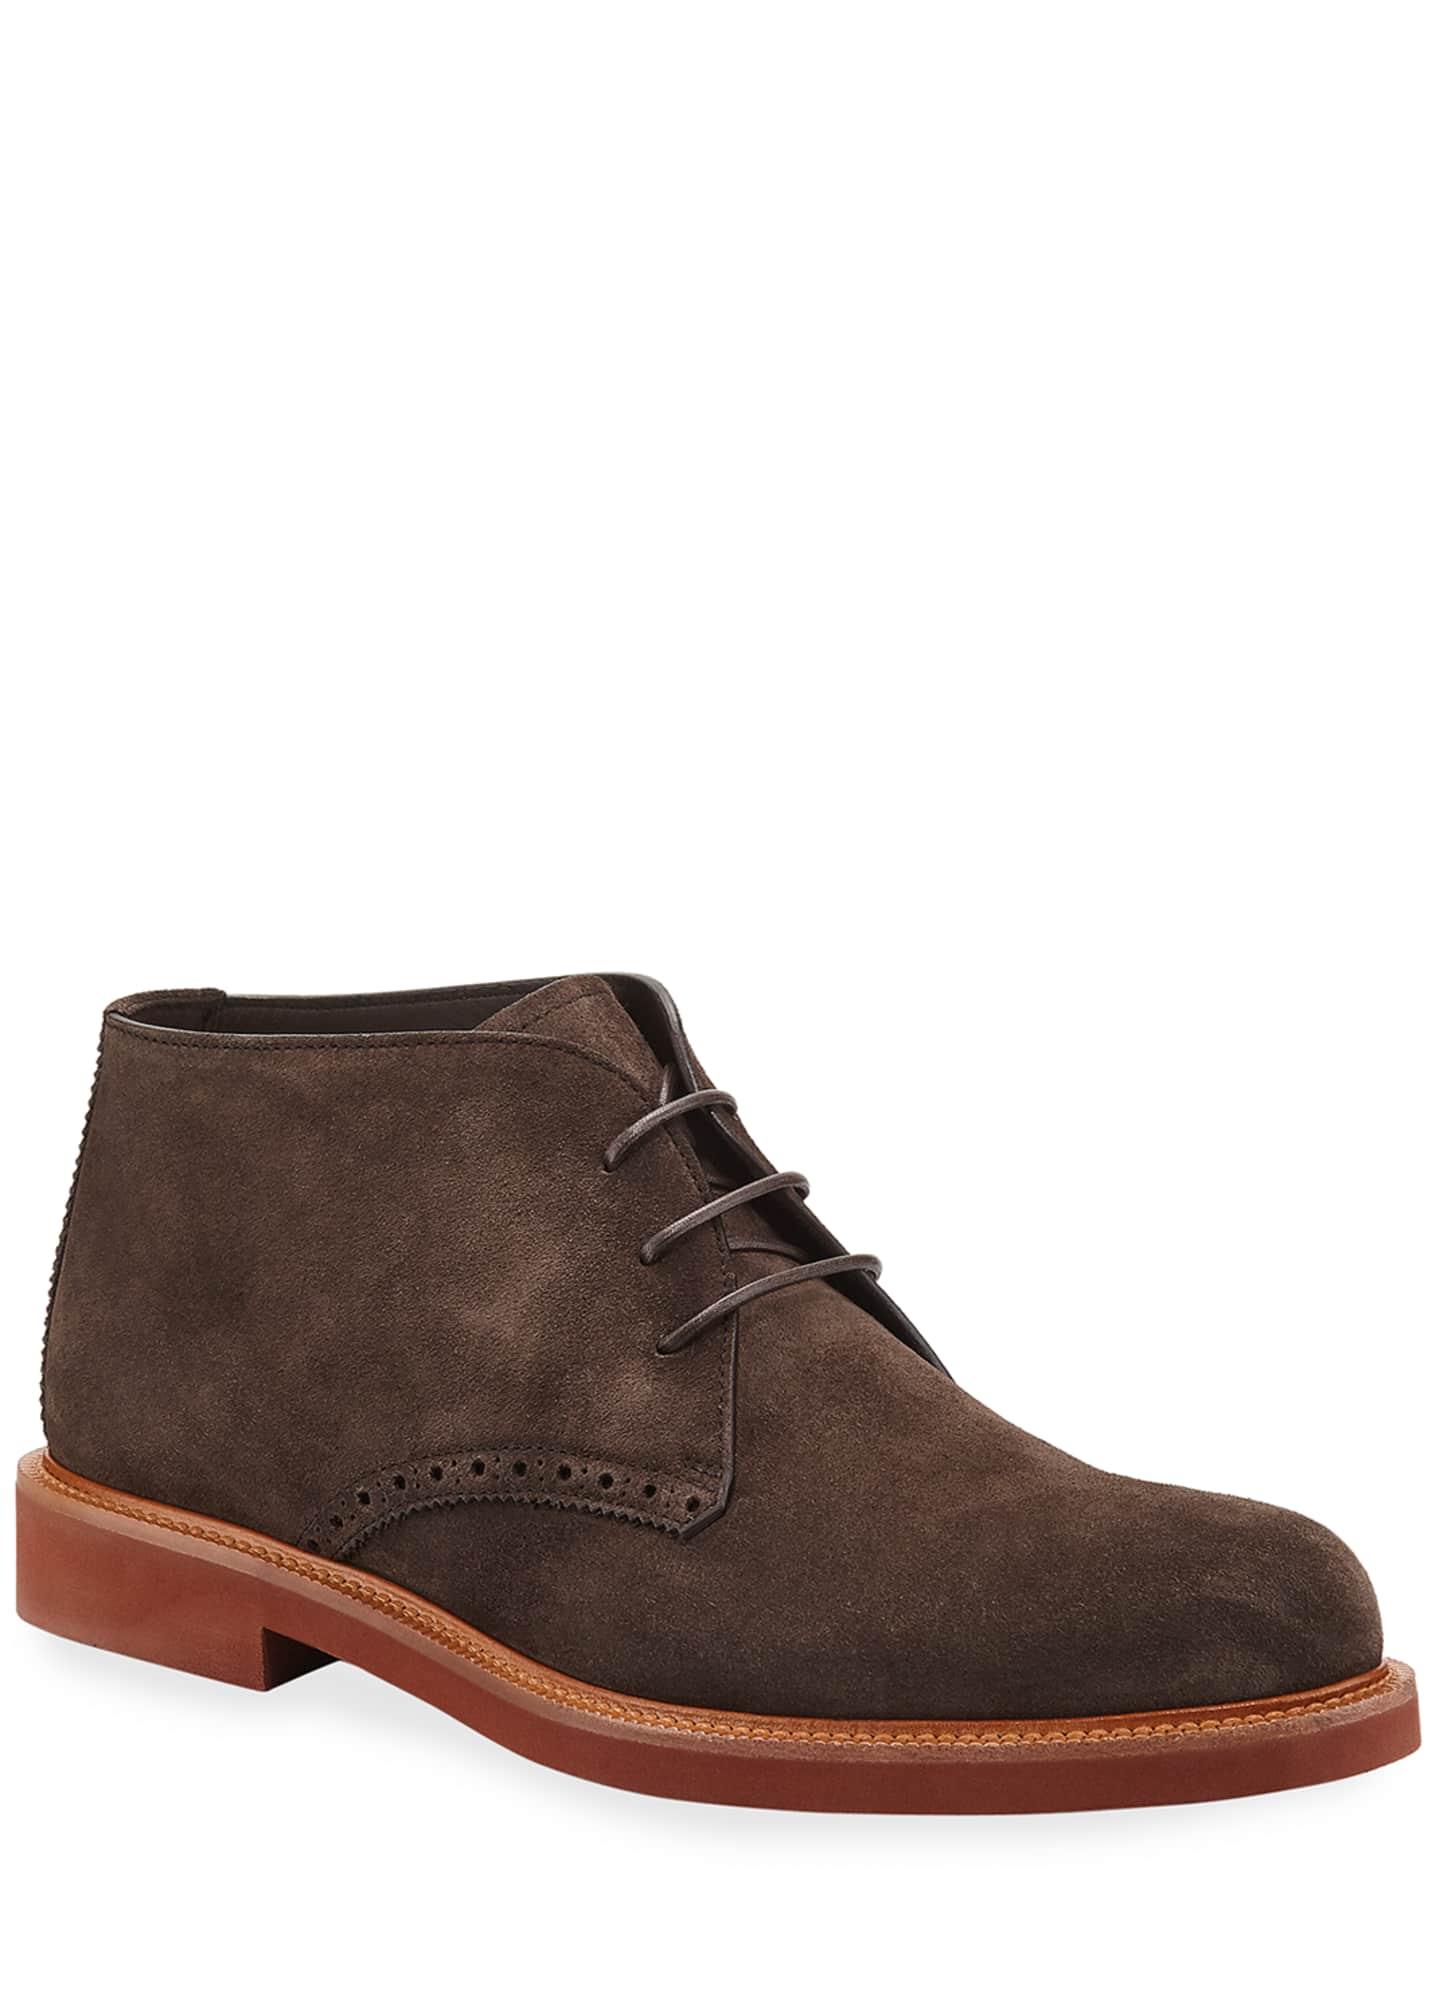 Ermenegildo Zegna Men's Trivero Suede Chukka Boots w/